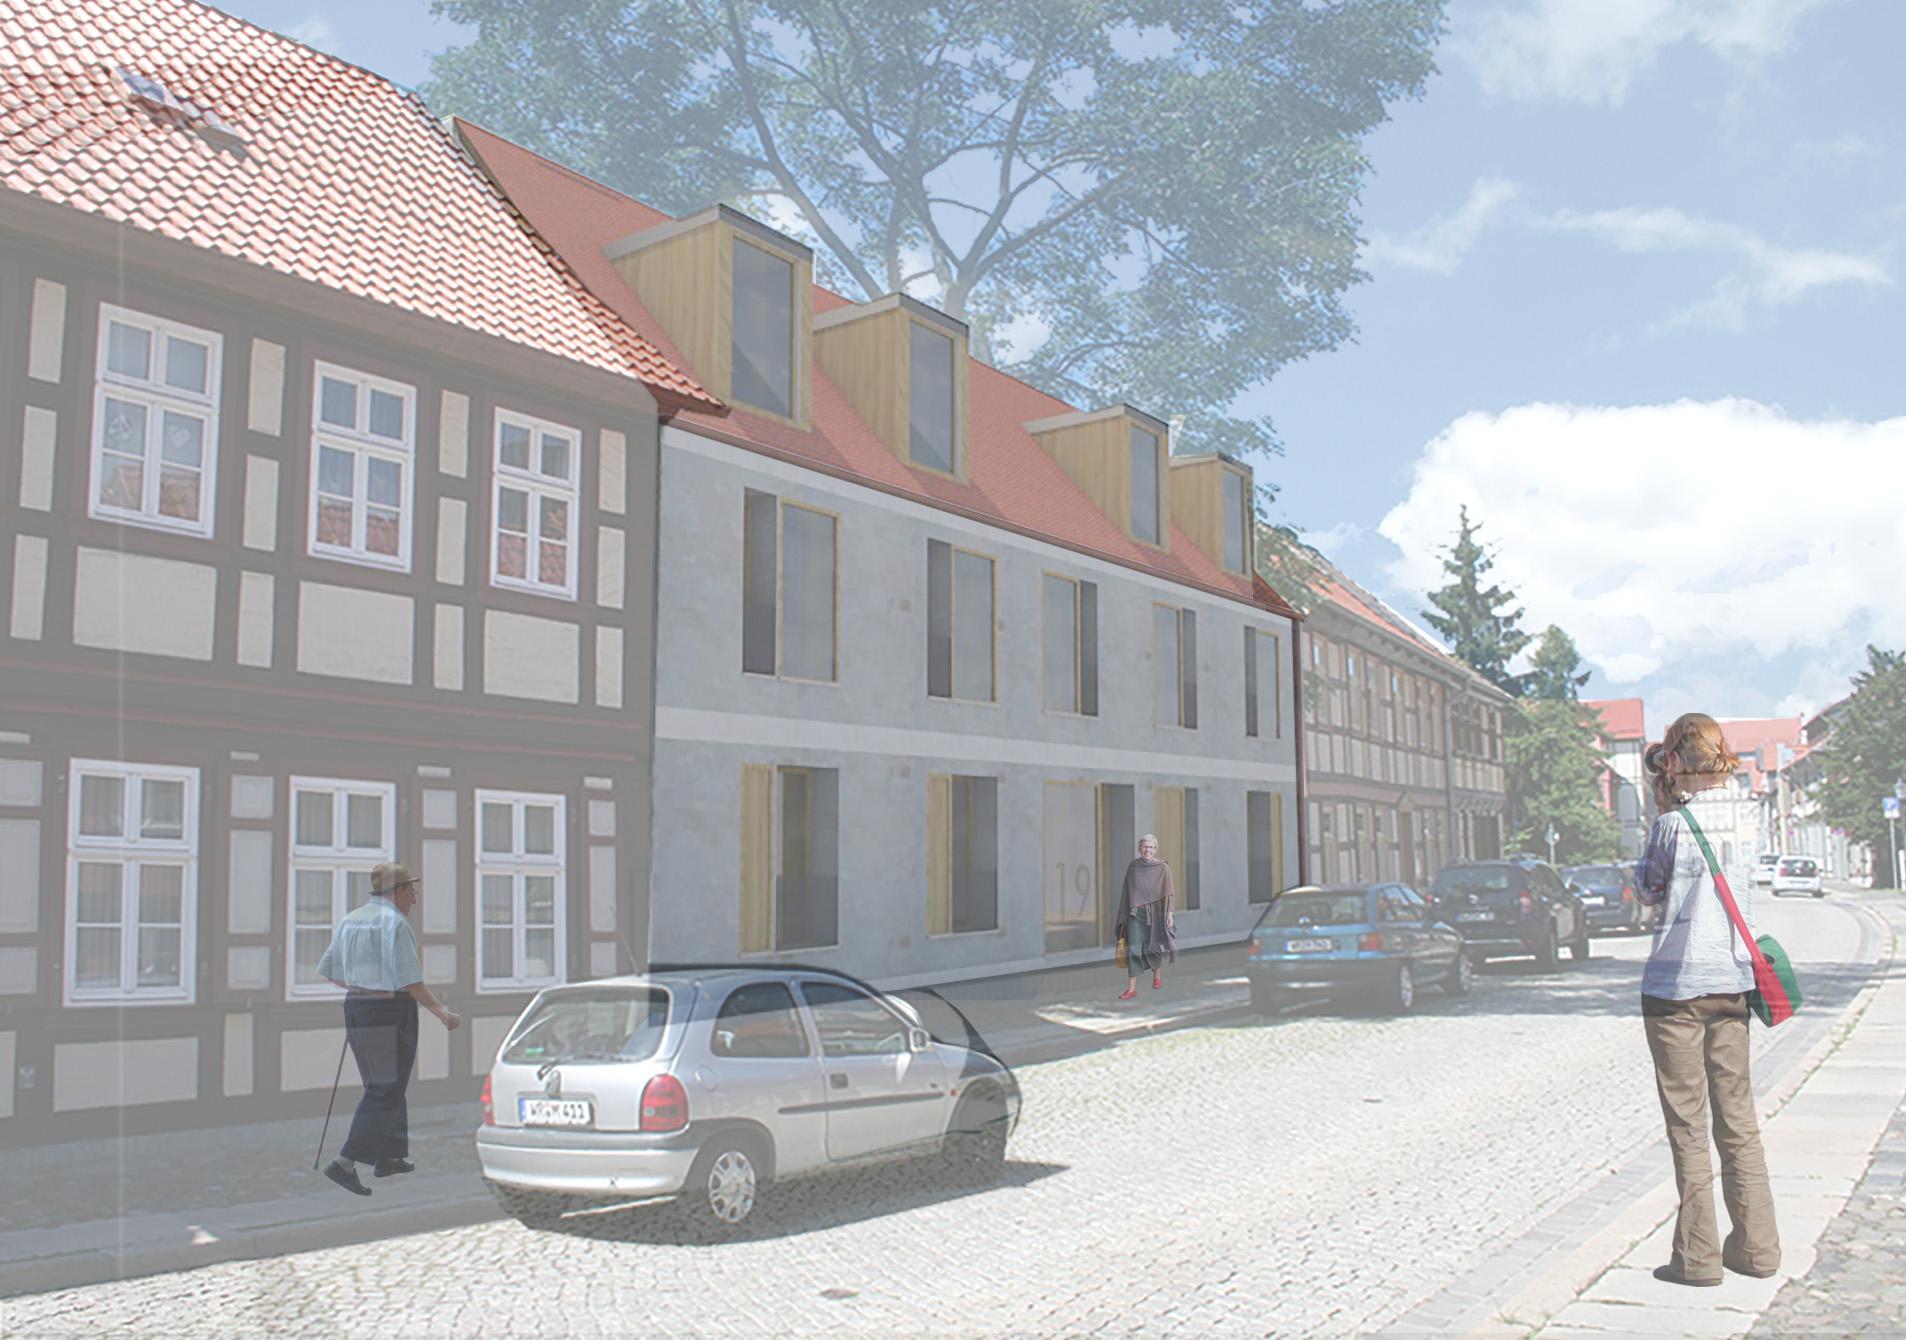 Mehrfamilienhaus Grüne Strasse // Wernigerode